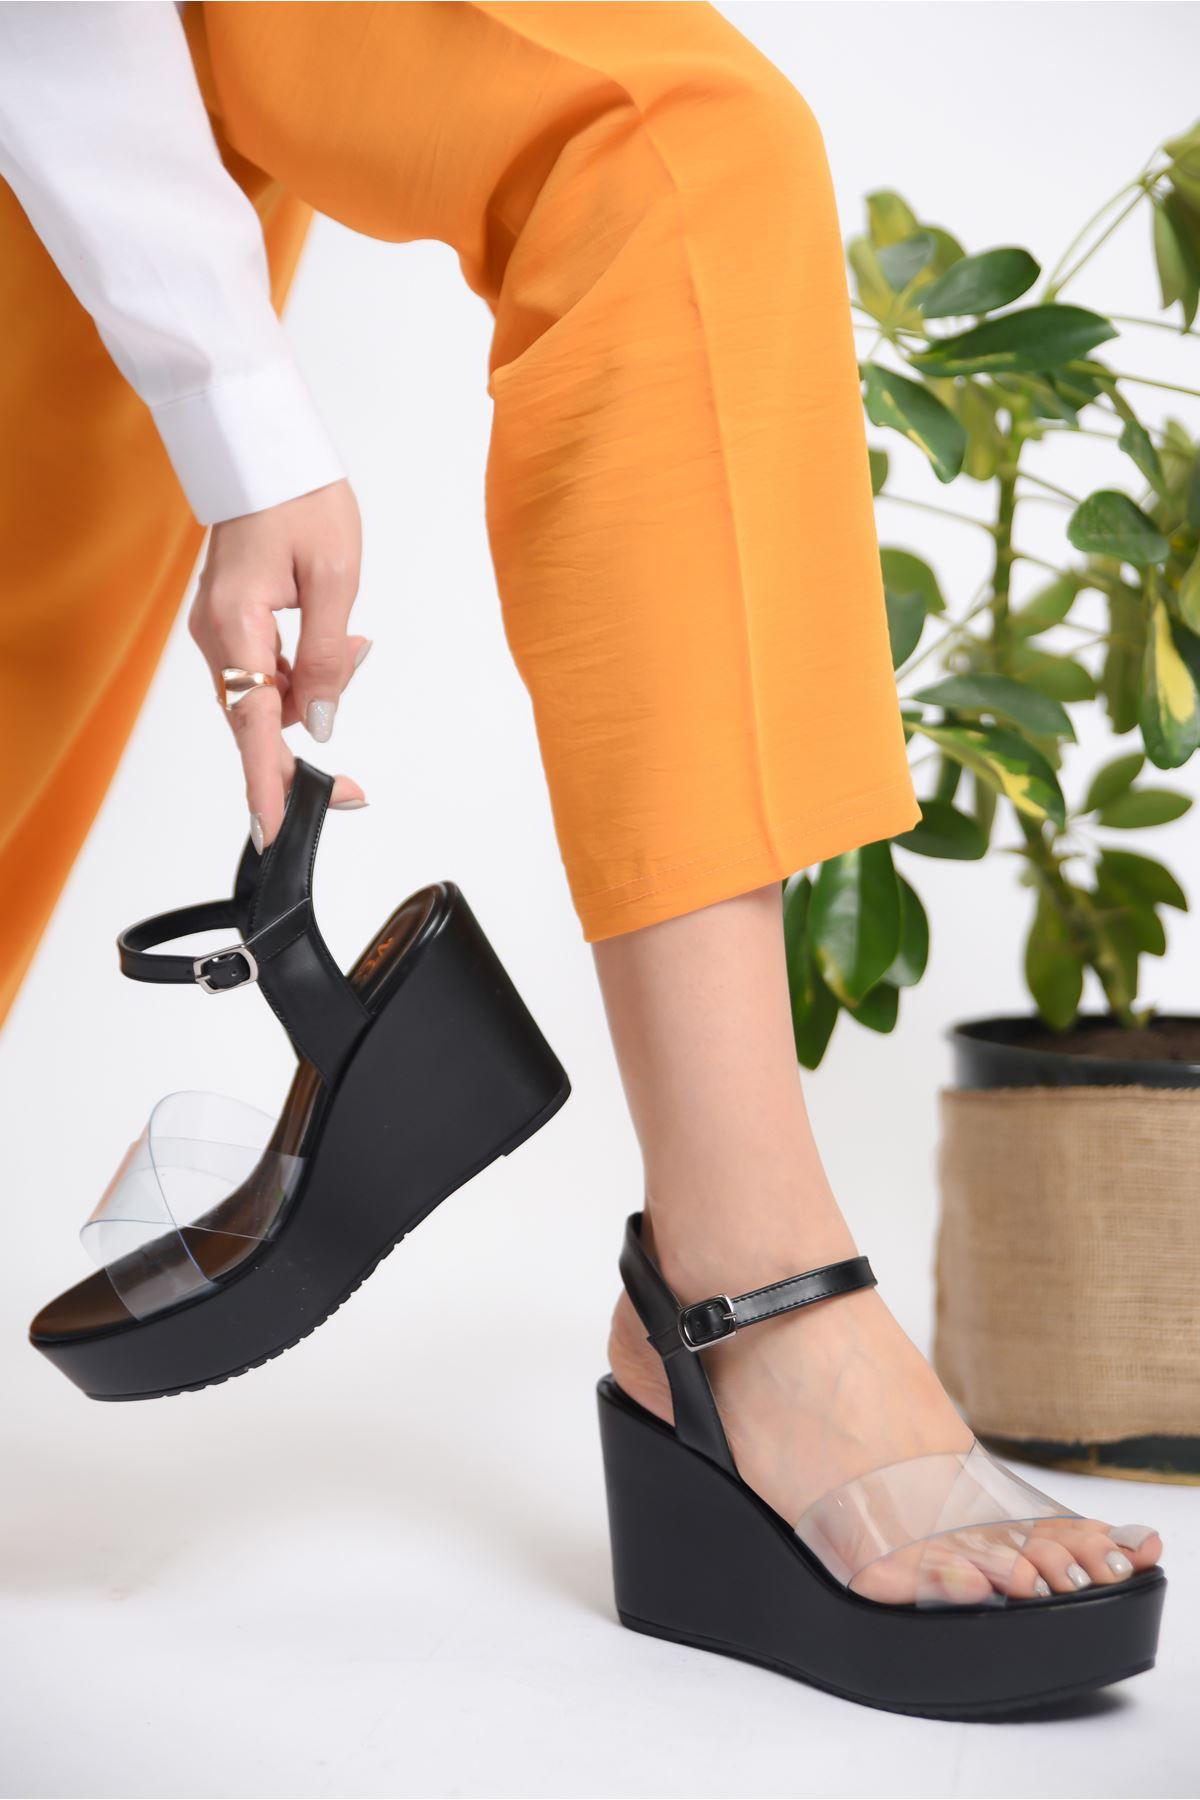 Kadın Flames Dolgu Topuklu Şeffaf Bantlı Siyah Ayakkabı